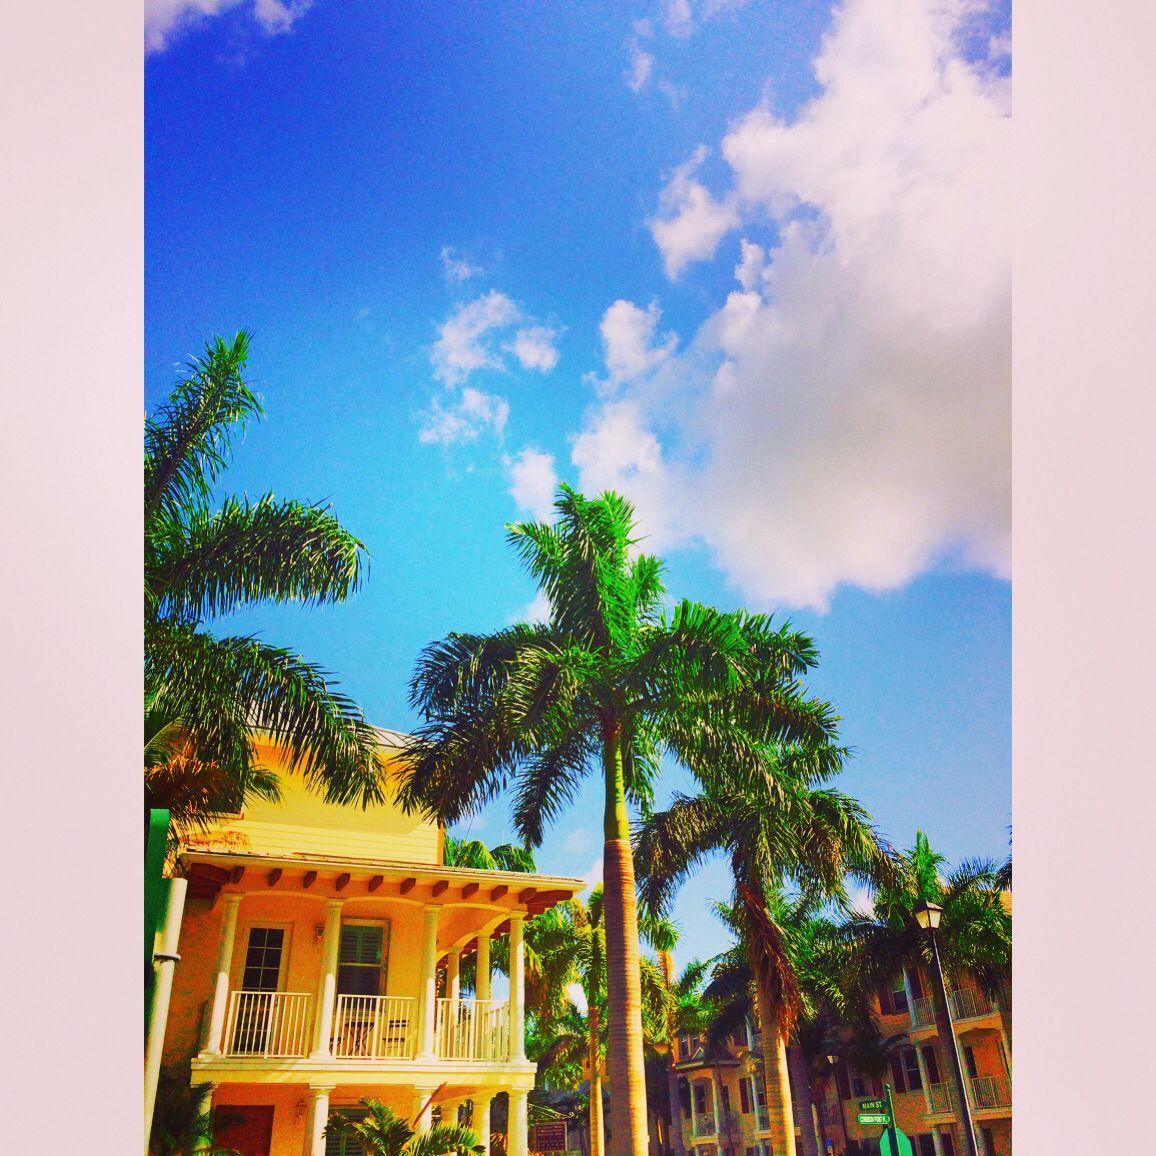 f1bc01c5cc90a71aec5752d875103553 - Homes For Rent Evergrene Palm Beach Gardens